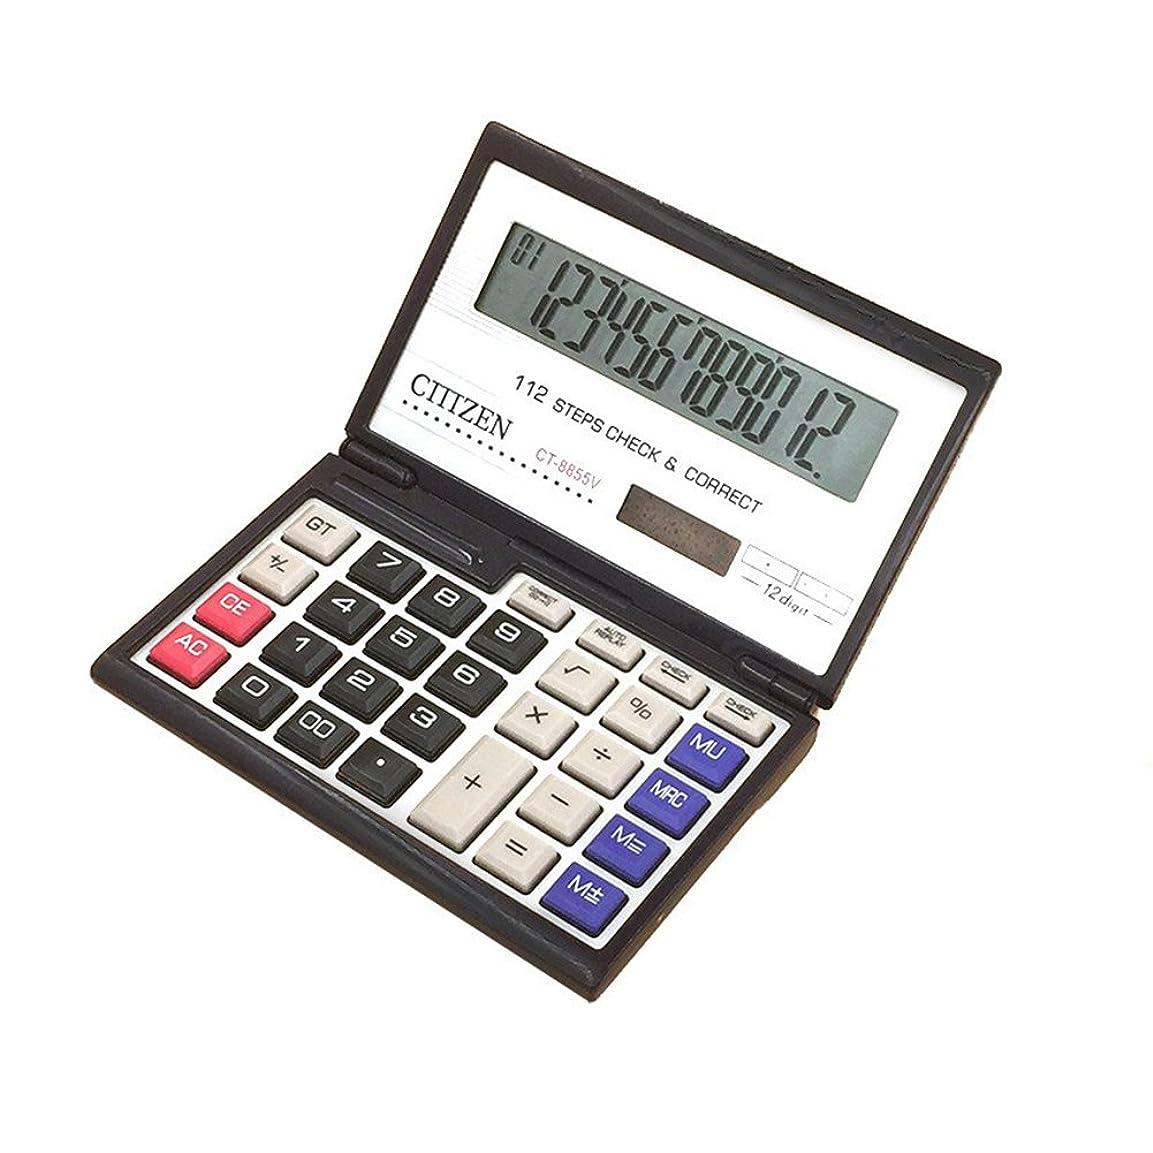 スキャンダラスのヒープ癒すstudyset金融電卓12桁ソーラーバッテリーポータブル折りたたみ式デスクトップ電卓Office Supplies